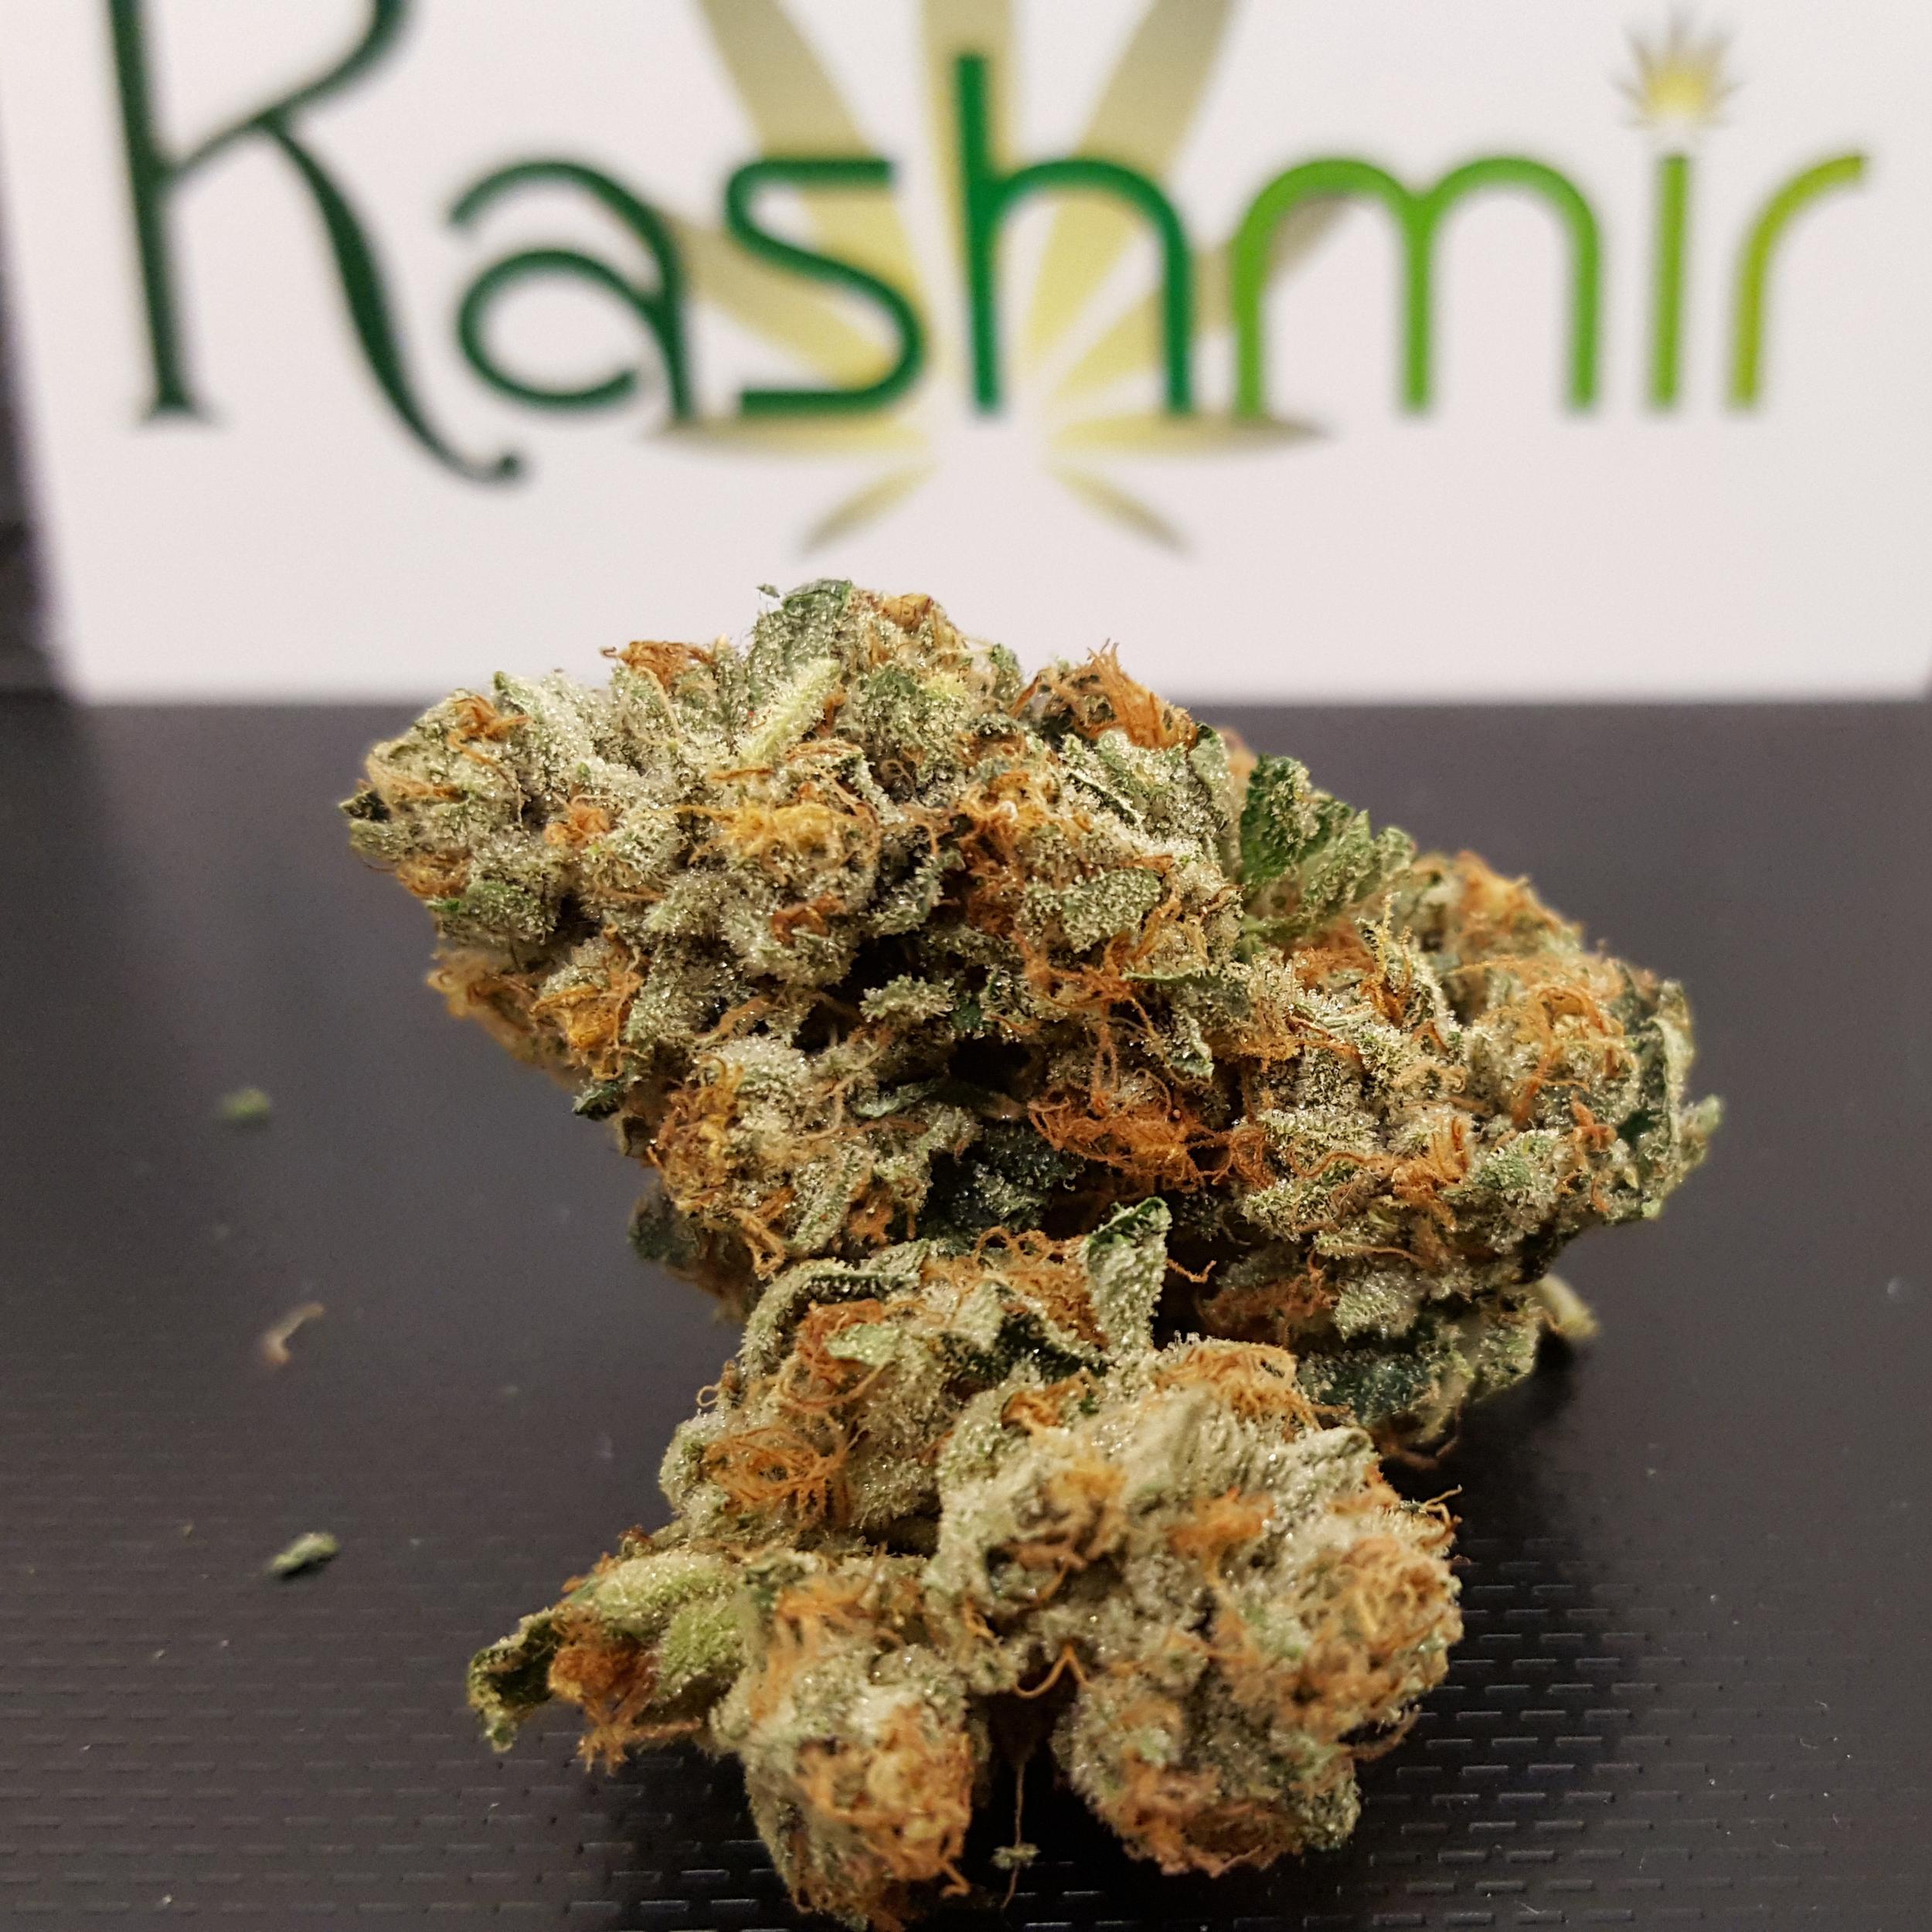 Kashmir Cannabis O G Kush